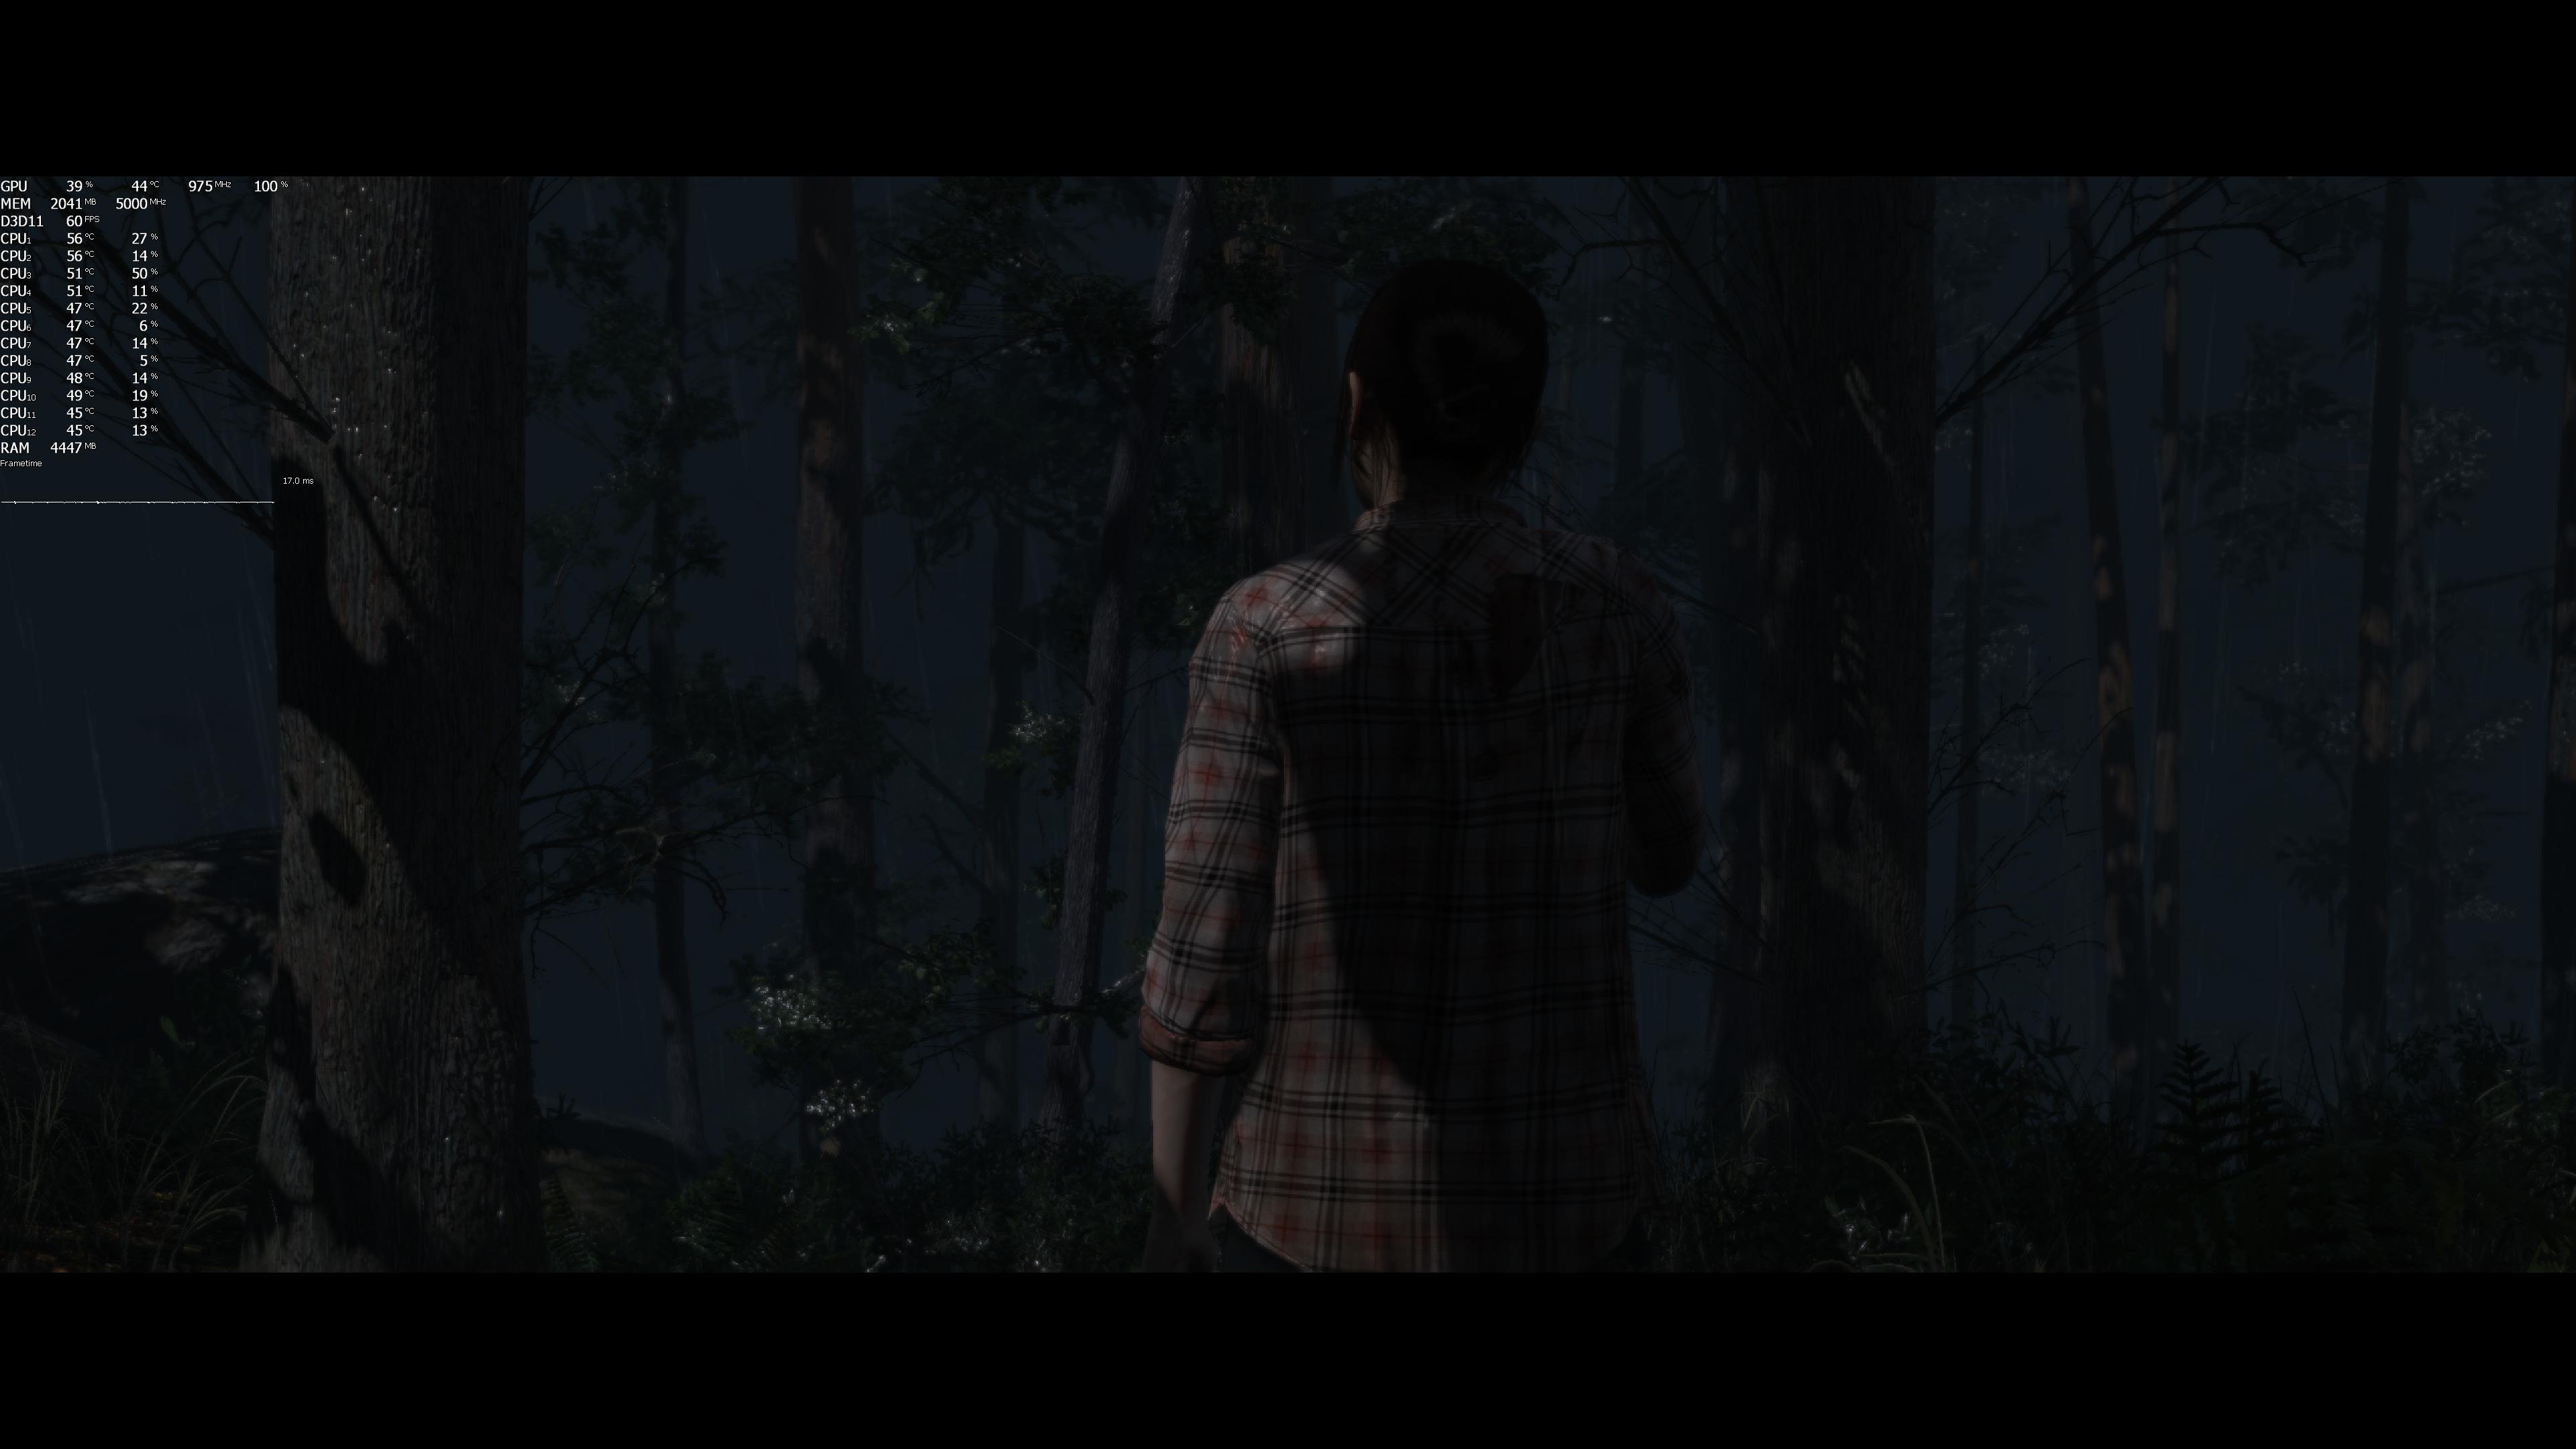 Максимальные настройки графики - Beyond: Two Souls 4K